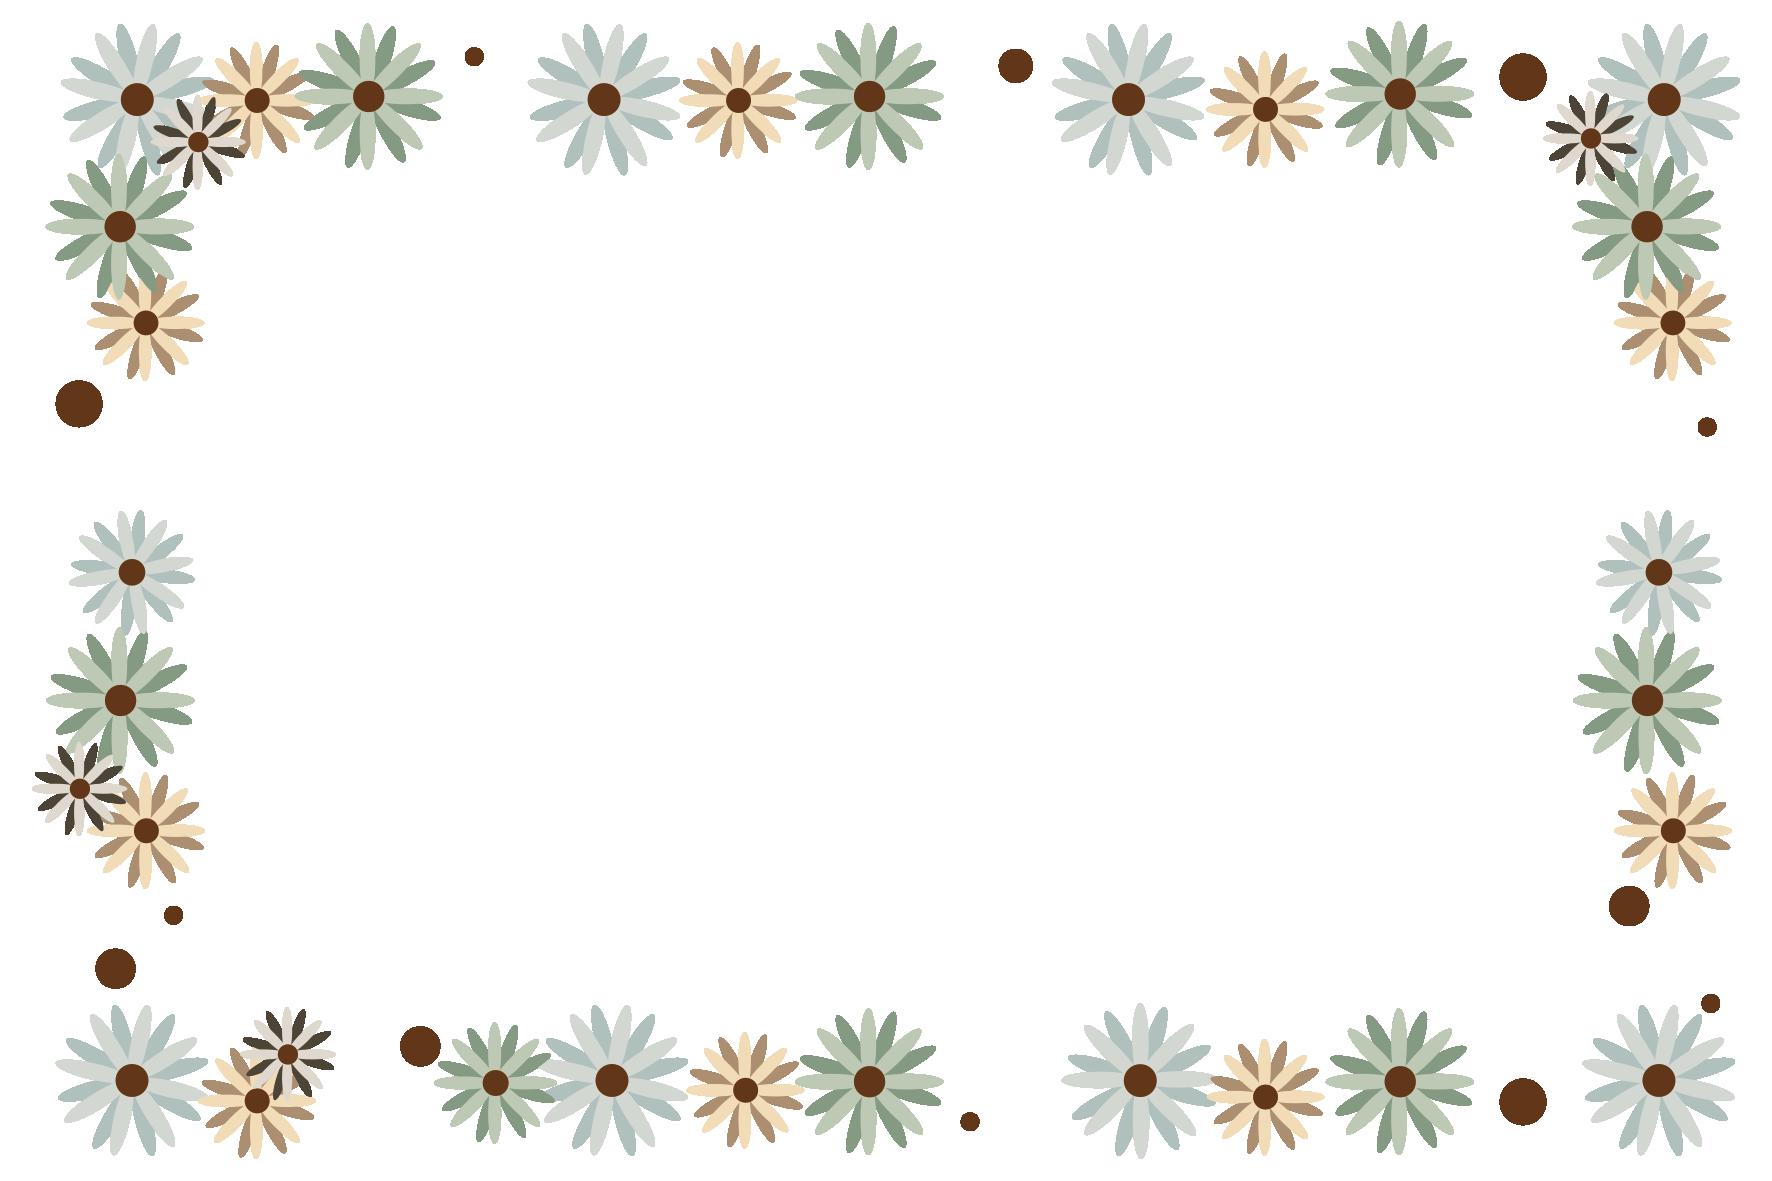 エレガントな花フレーム」 - 無料イラスト愛